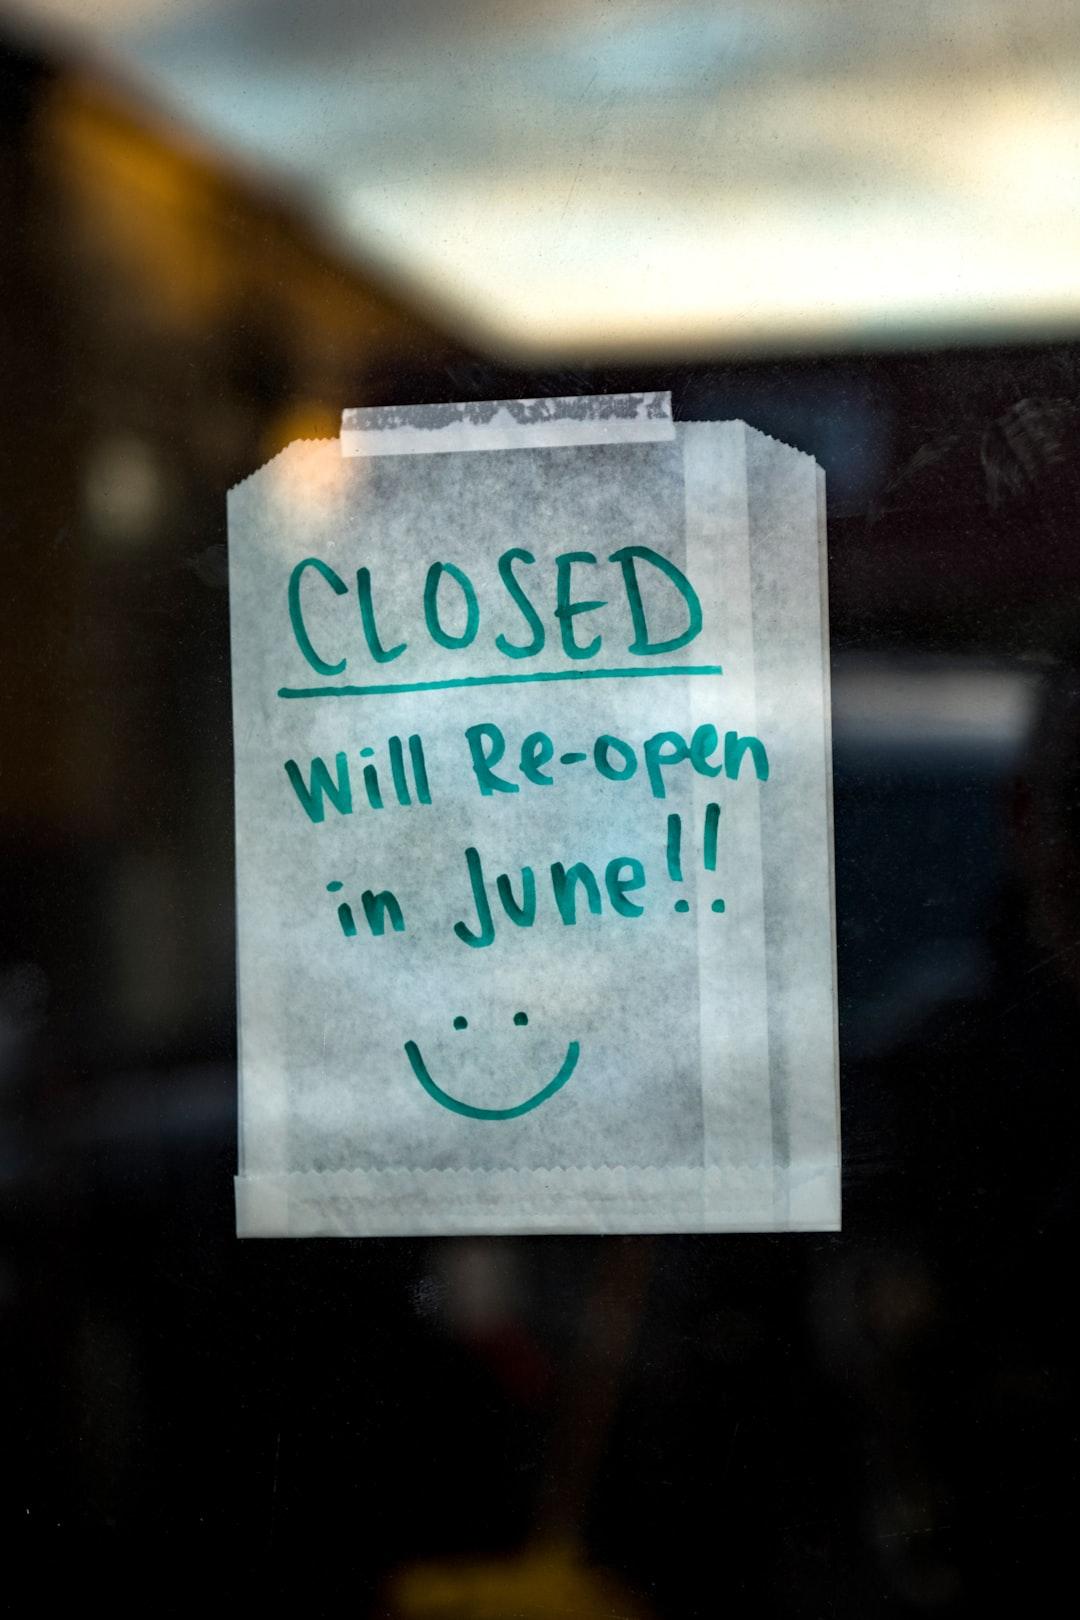 Re-open! 😊